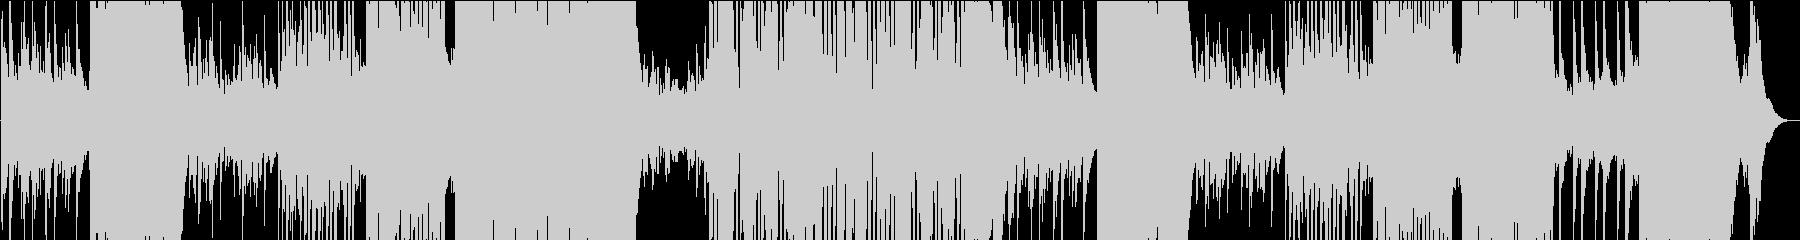 和風琴で奏でるゆったりFutur R&Bの未再生の波形